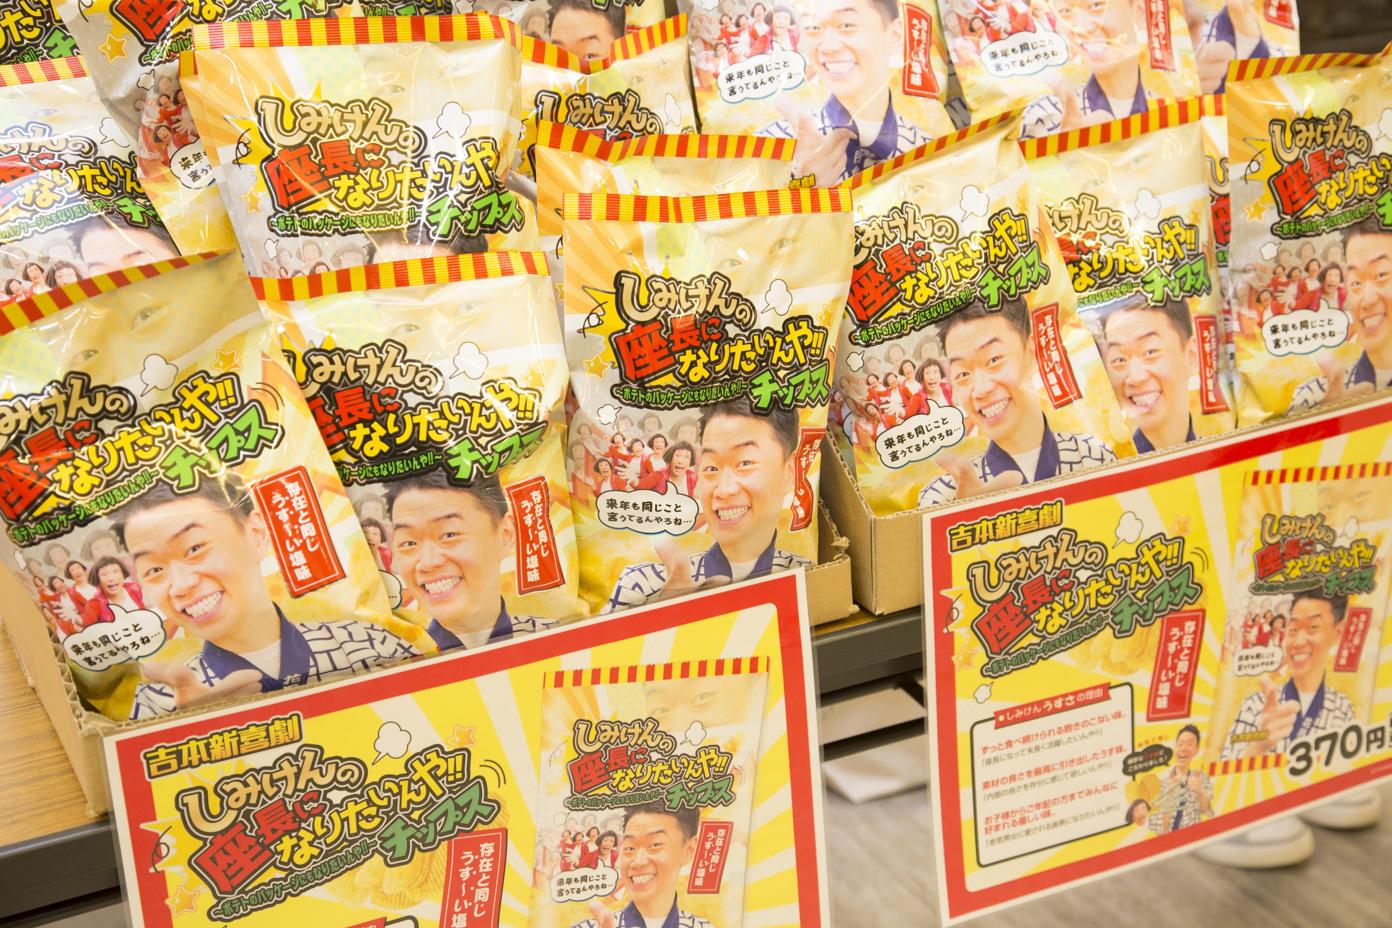 http://news.yoshimoto.co.jp/20160229150854-210aa5d25674c29f10490a0404860be5242bfbdb.jpg